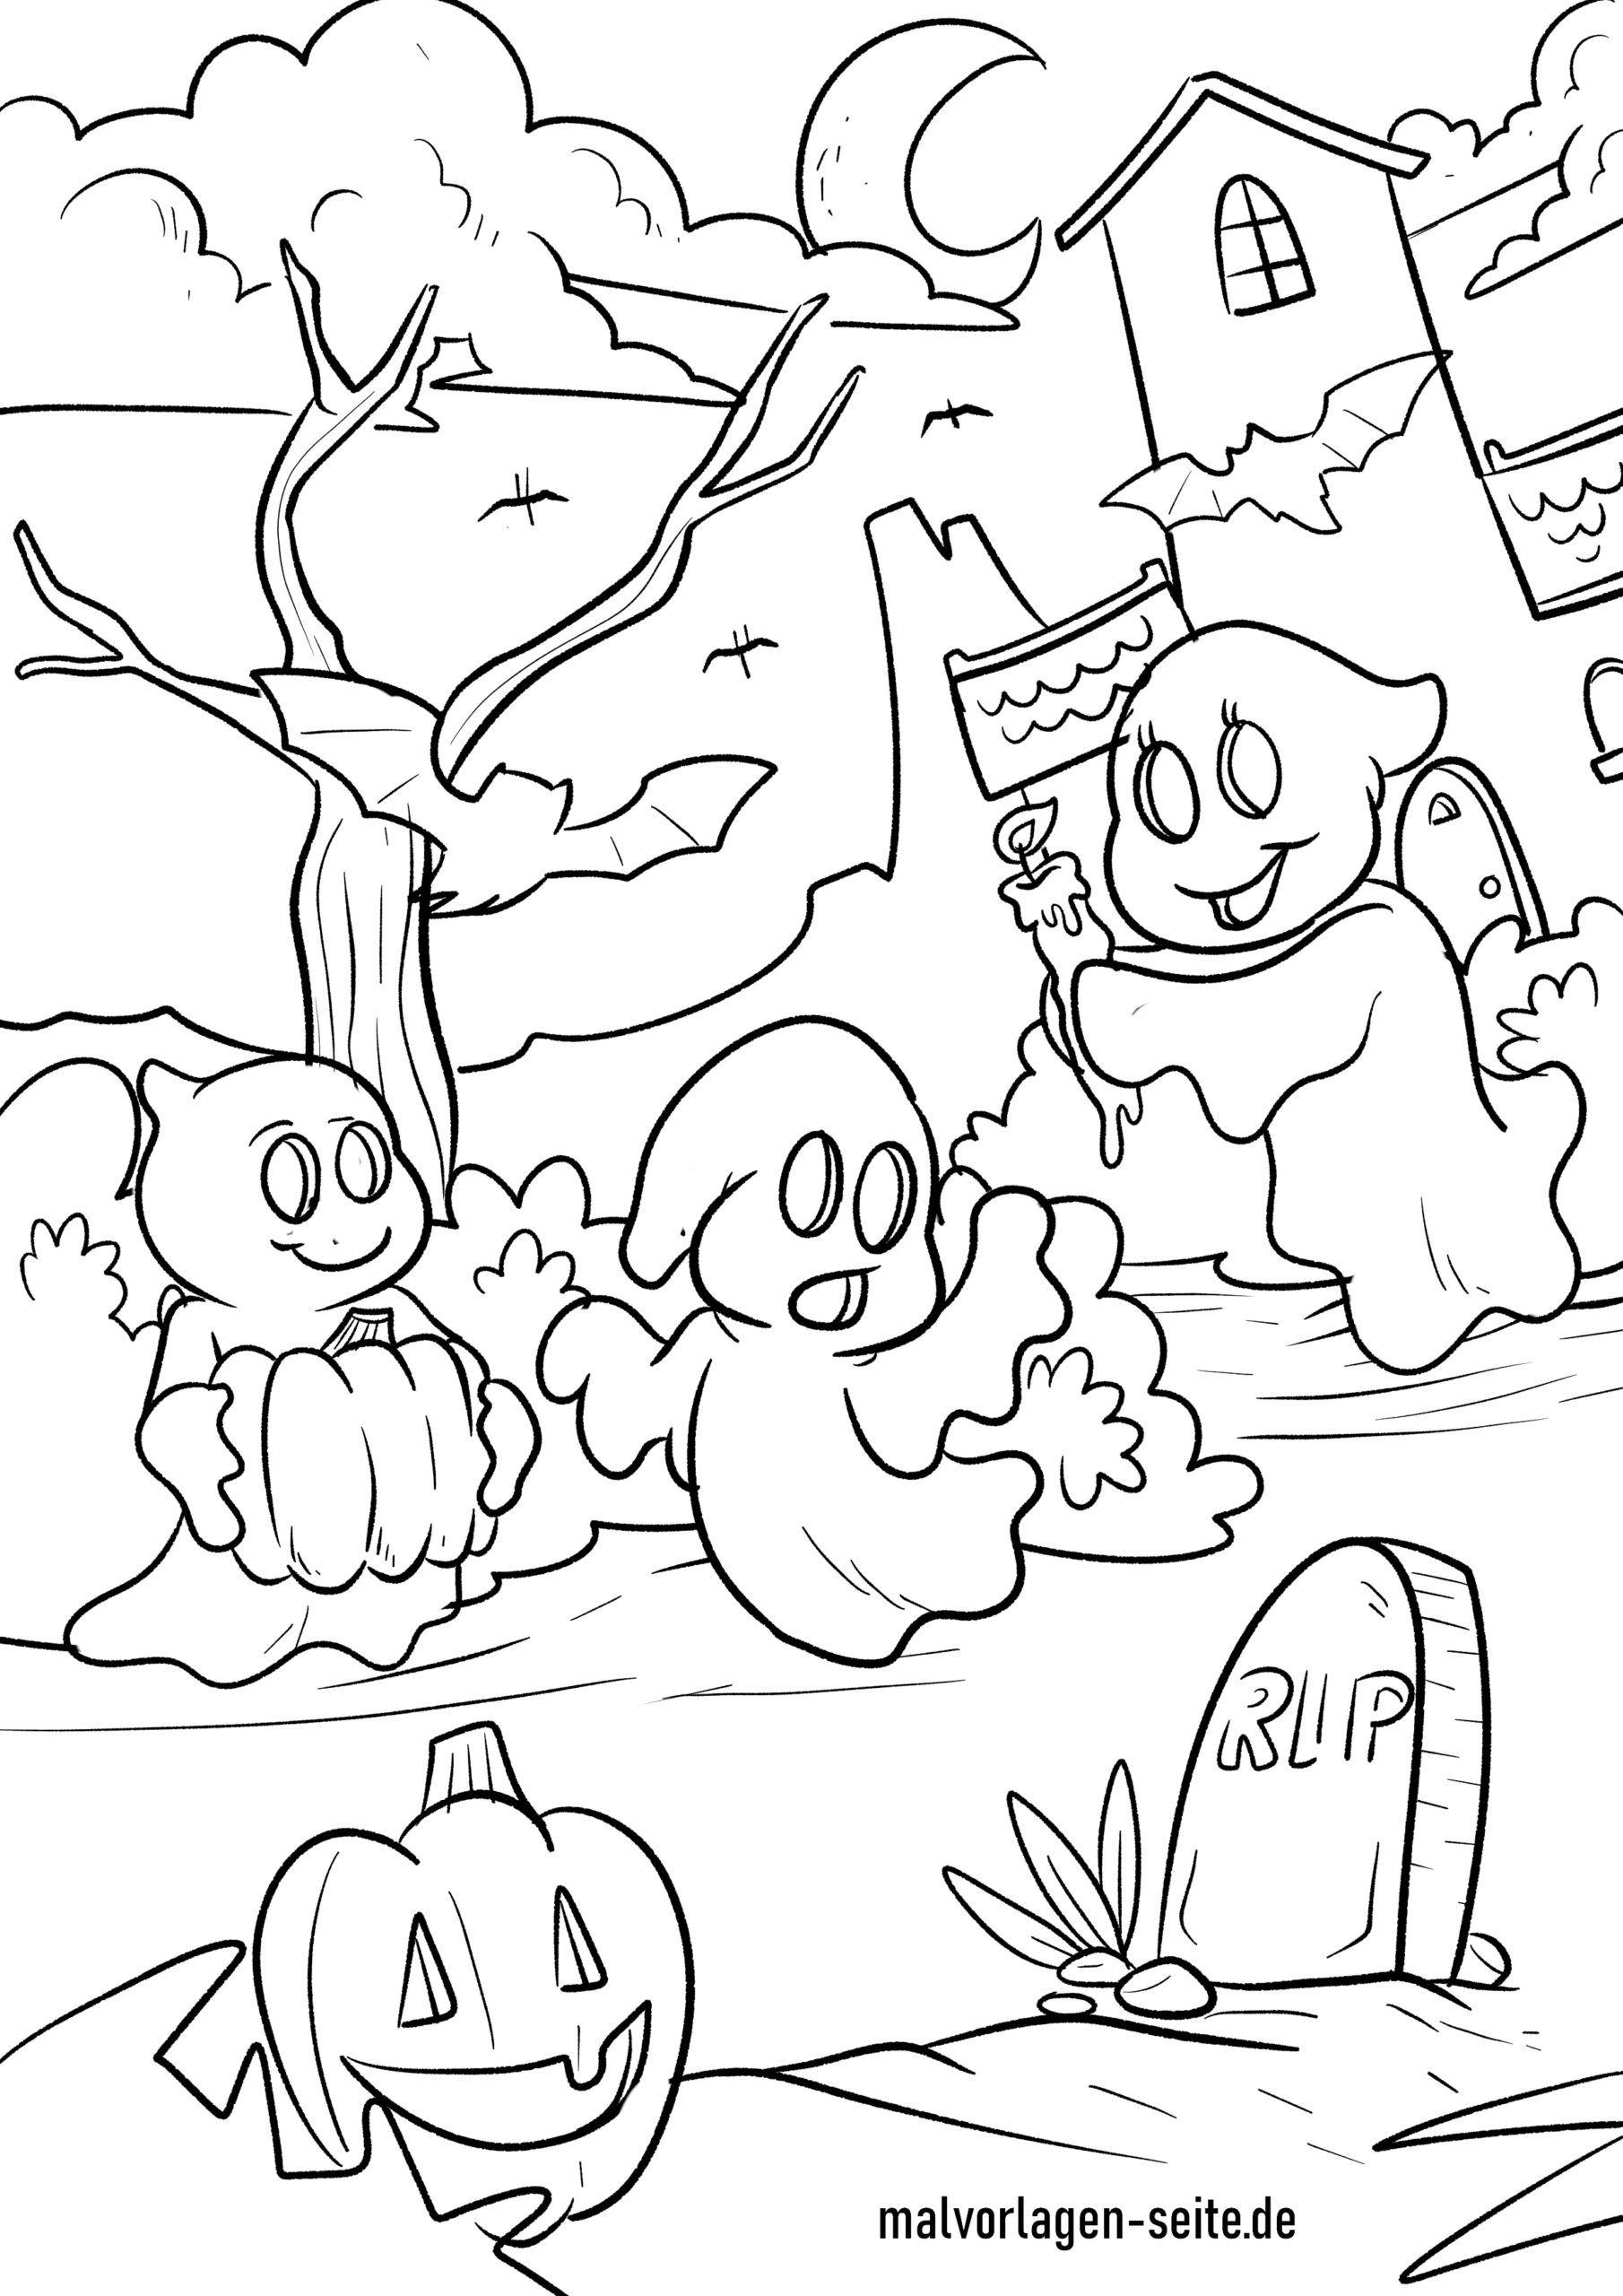 Malvorlage Halloween Gespenster - Ausmalbilder Kostenlos innen Malvorlagen Halloween